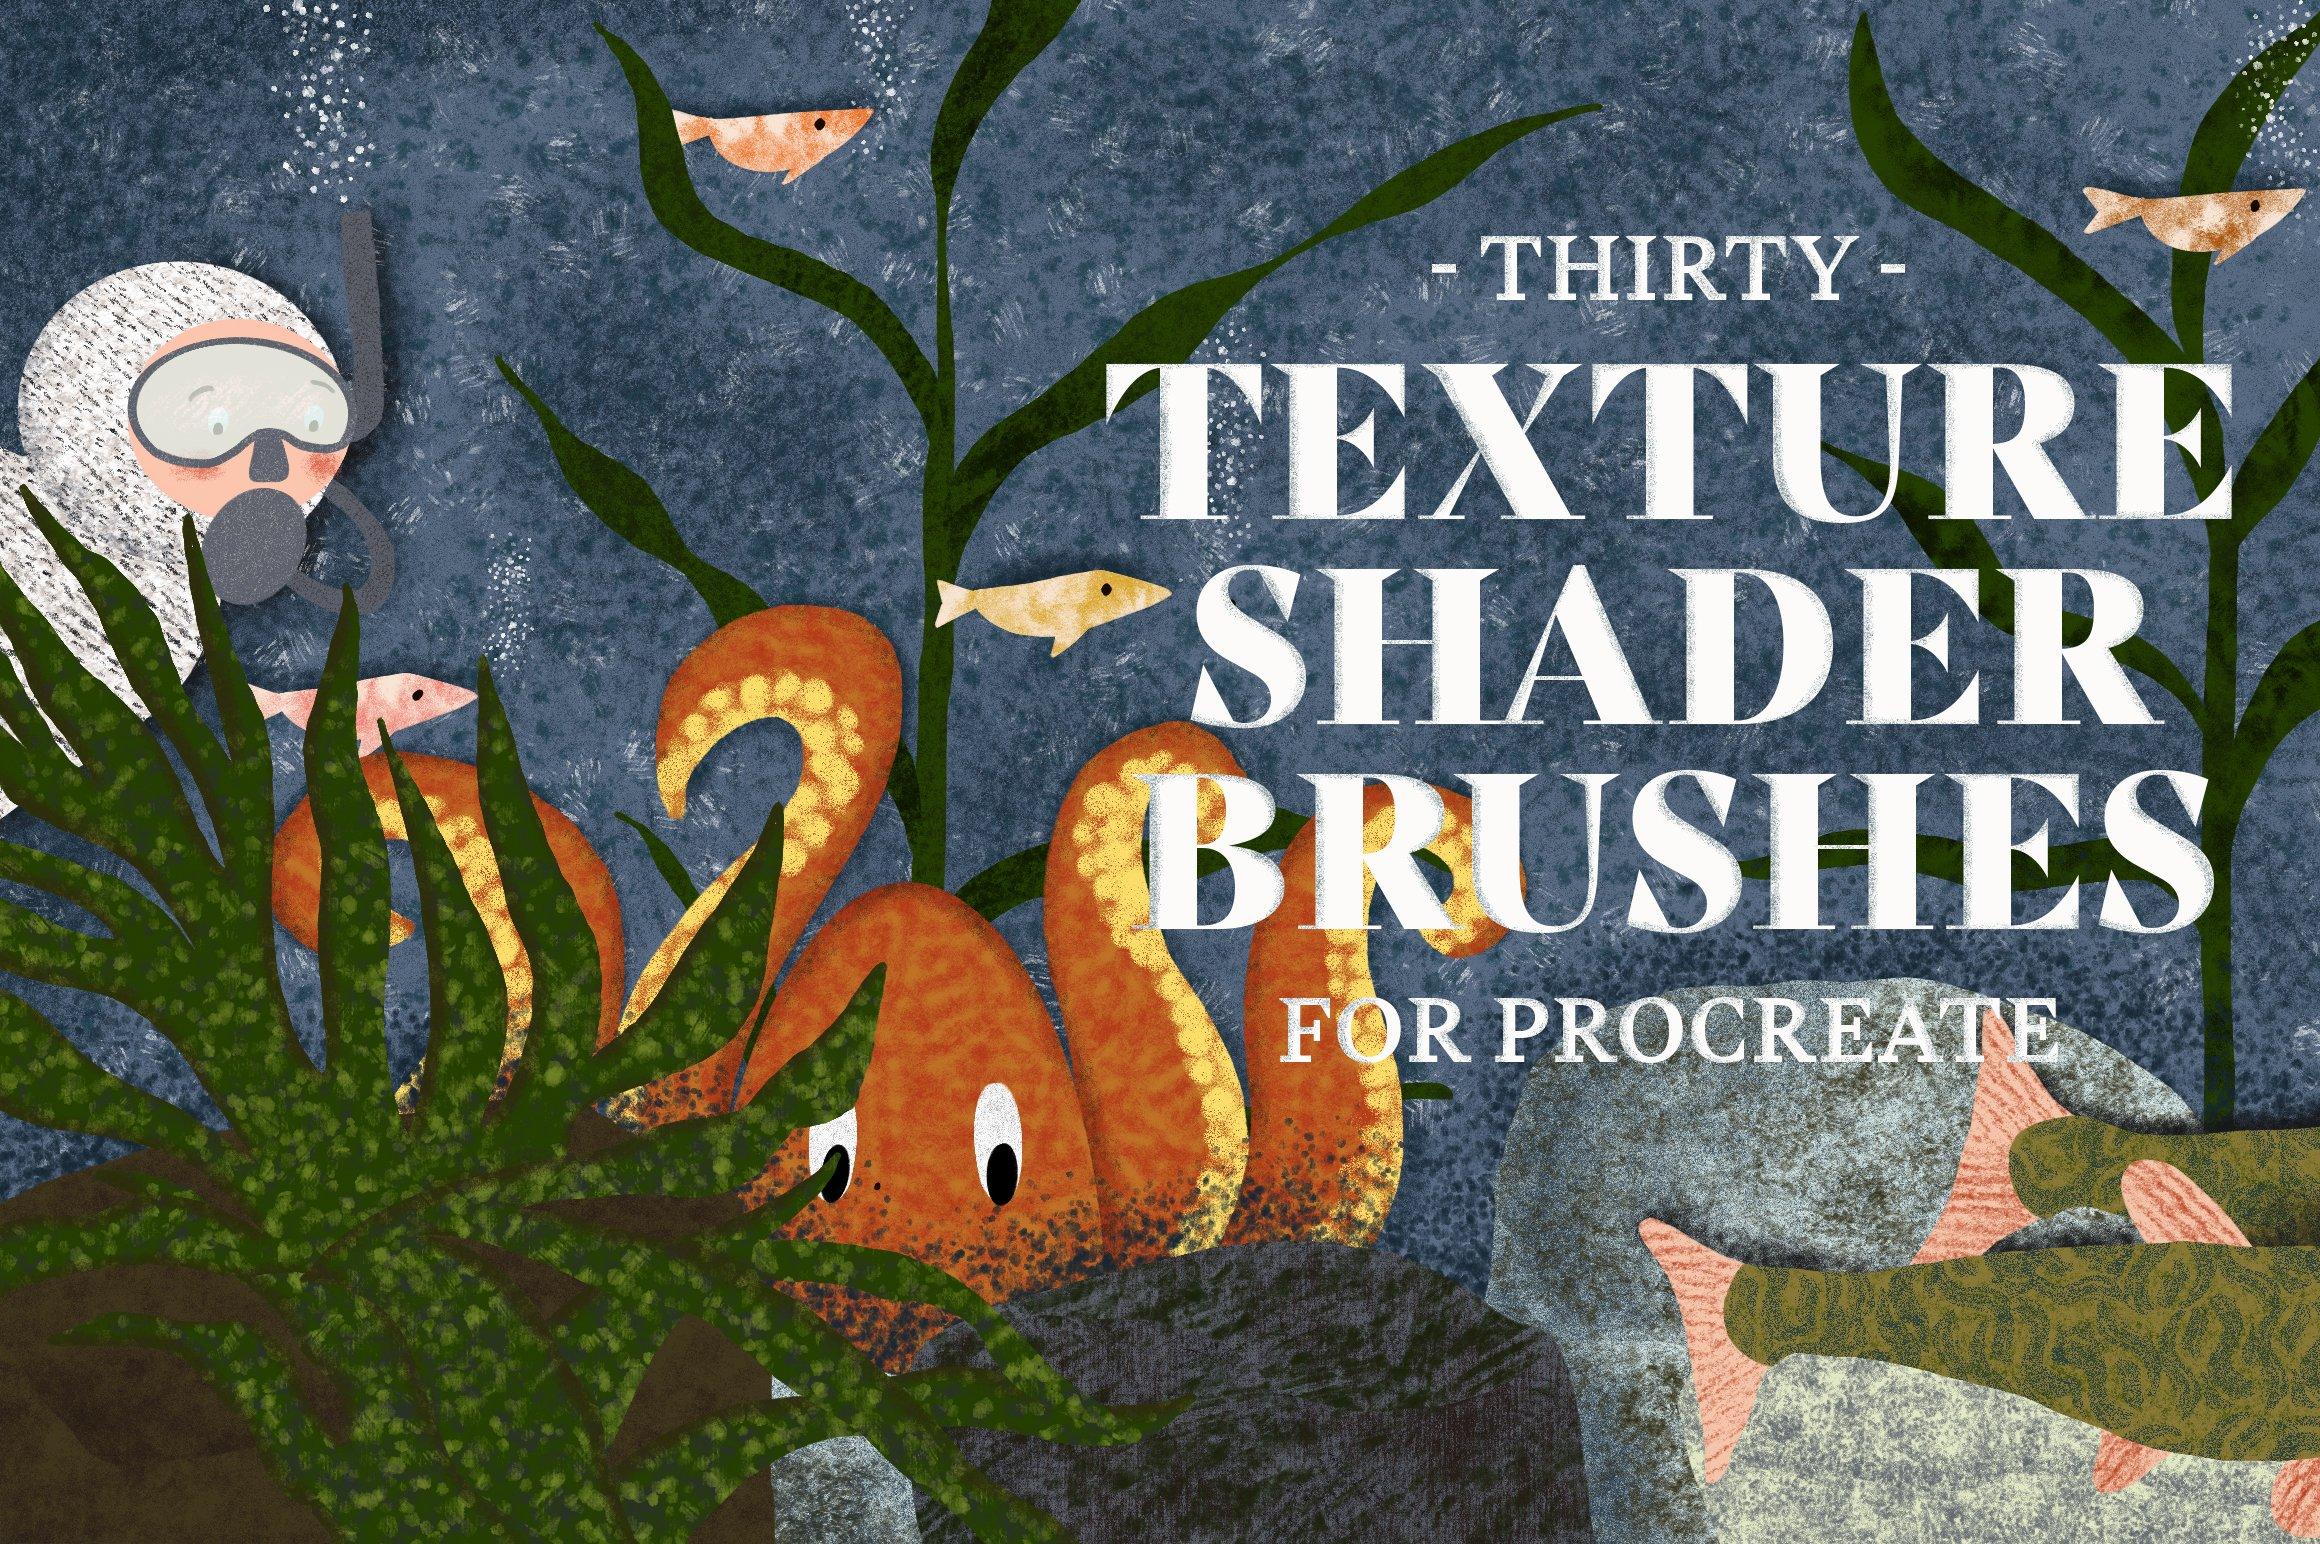 15套逼真铅笔蜡笔Procreate笔刷纹理着色器素材套装 Procreate Brushes Megabundle插图3